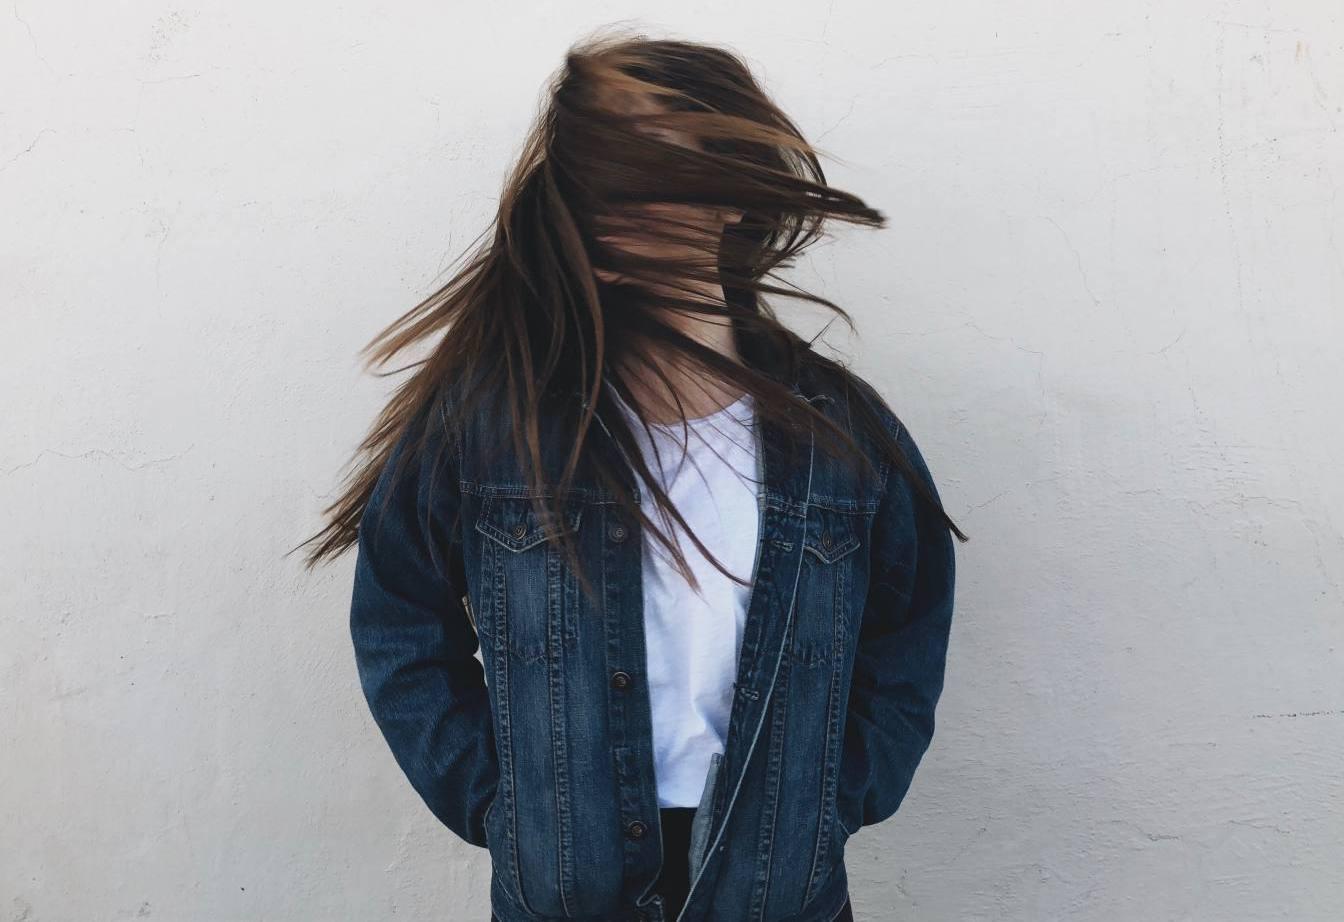 ragazza con capelli al vento